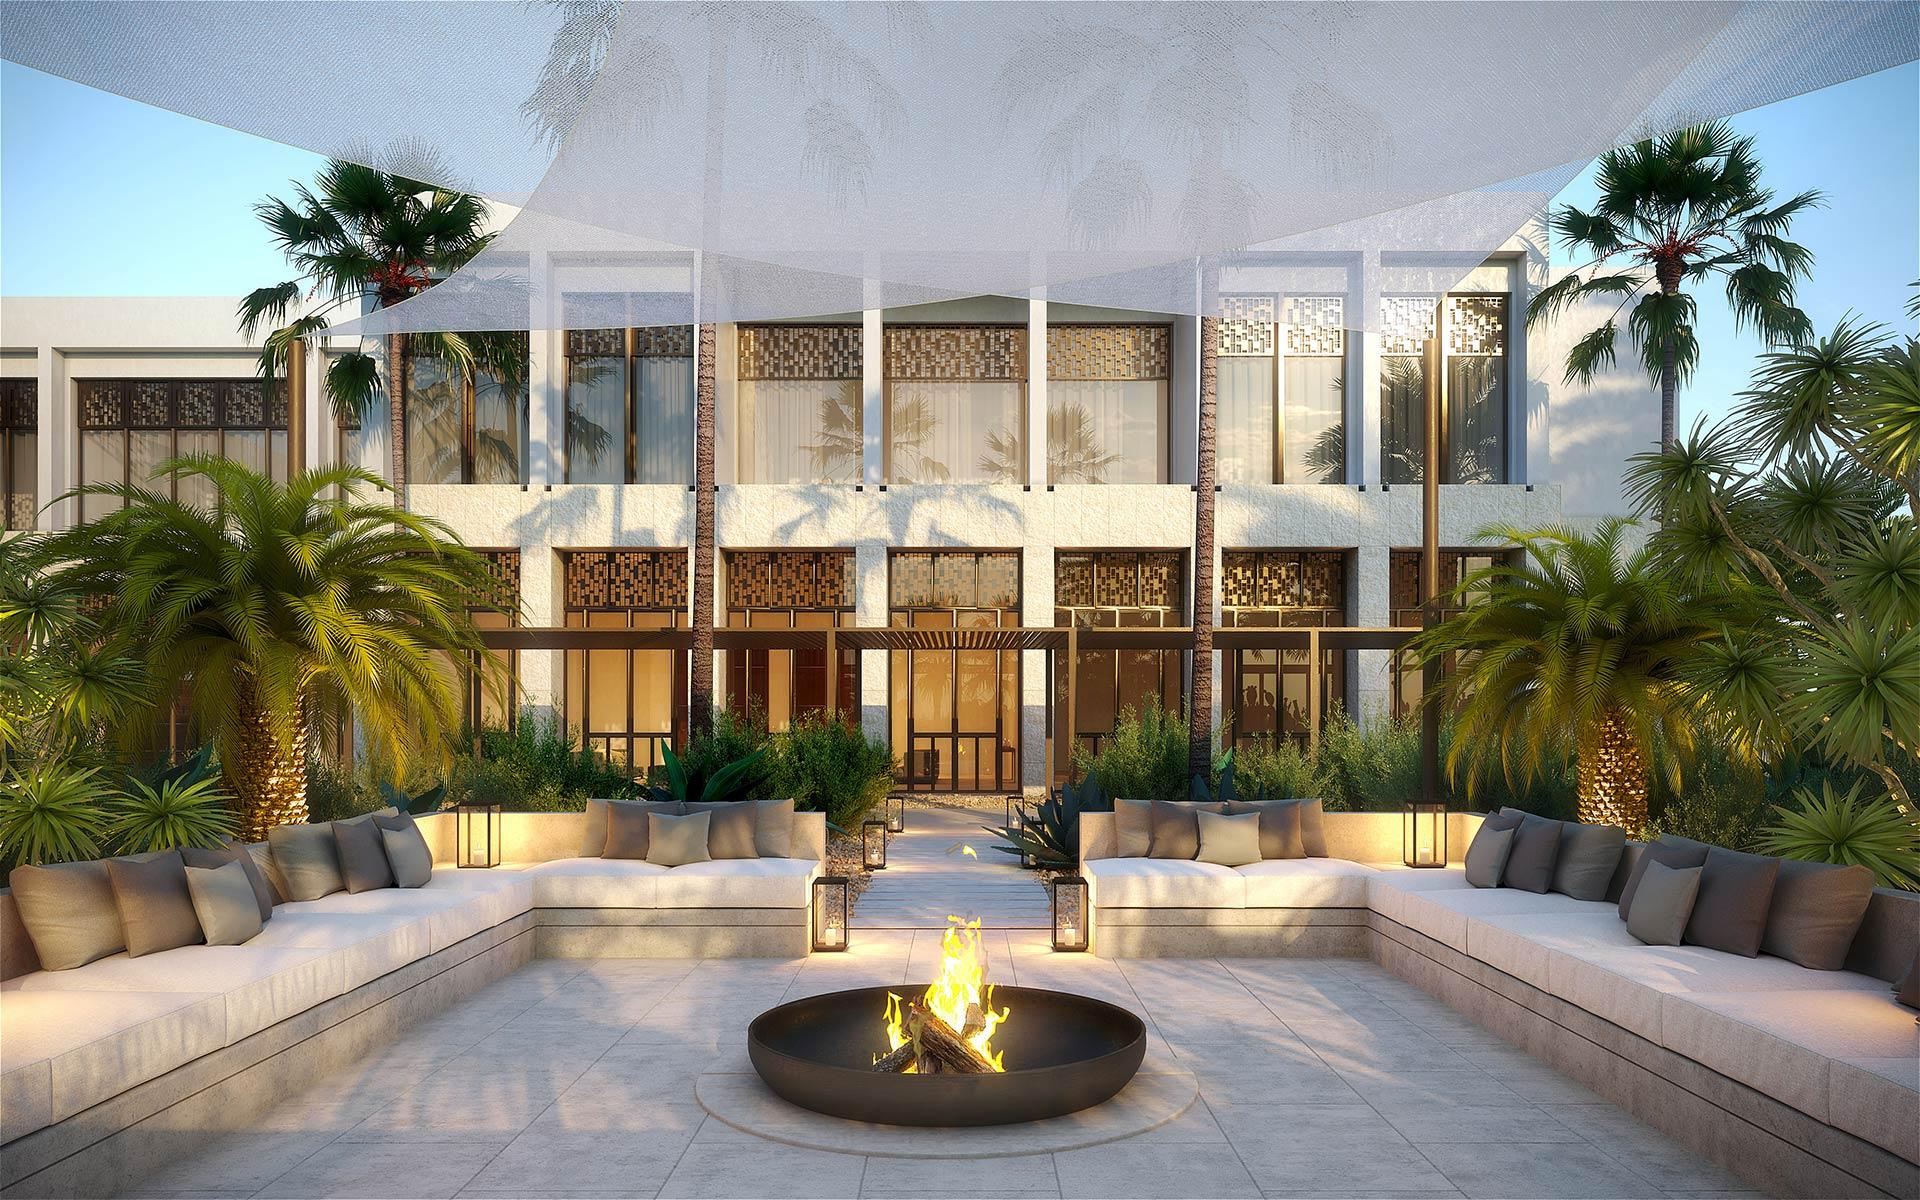 3D visualization a villa exterior in Morocco